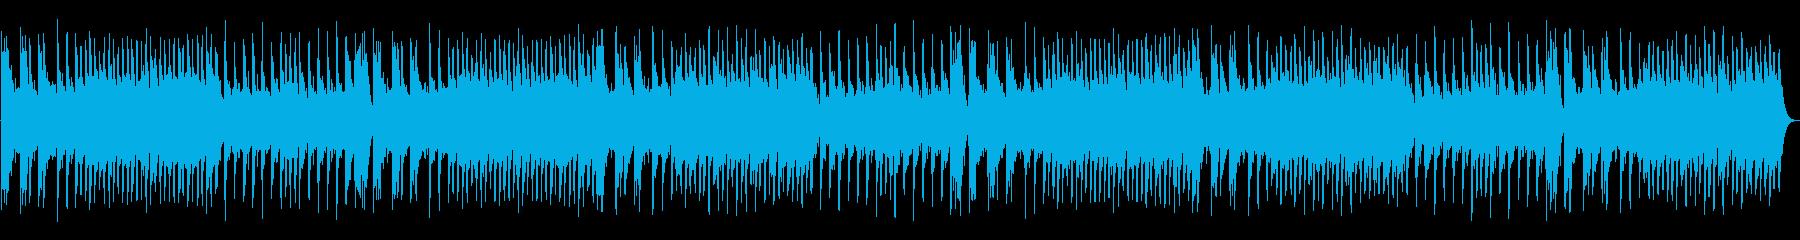 魔法のようなトーンの美しいホリデー...の再生済みの波形